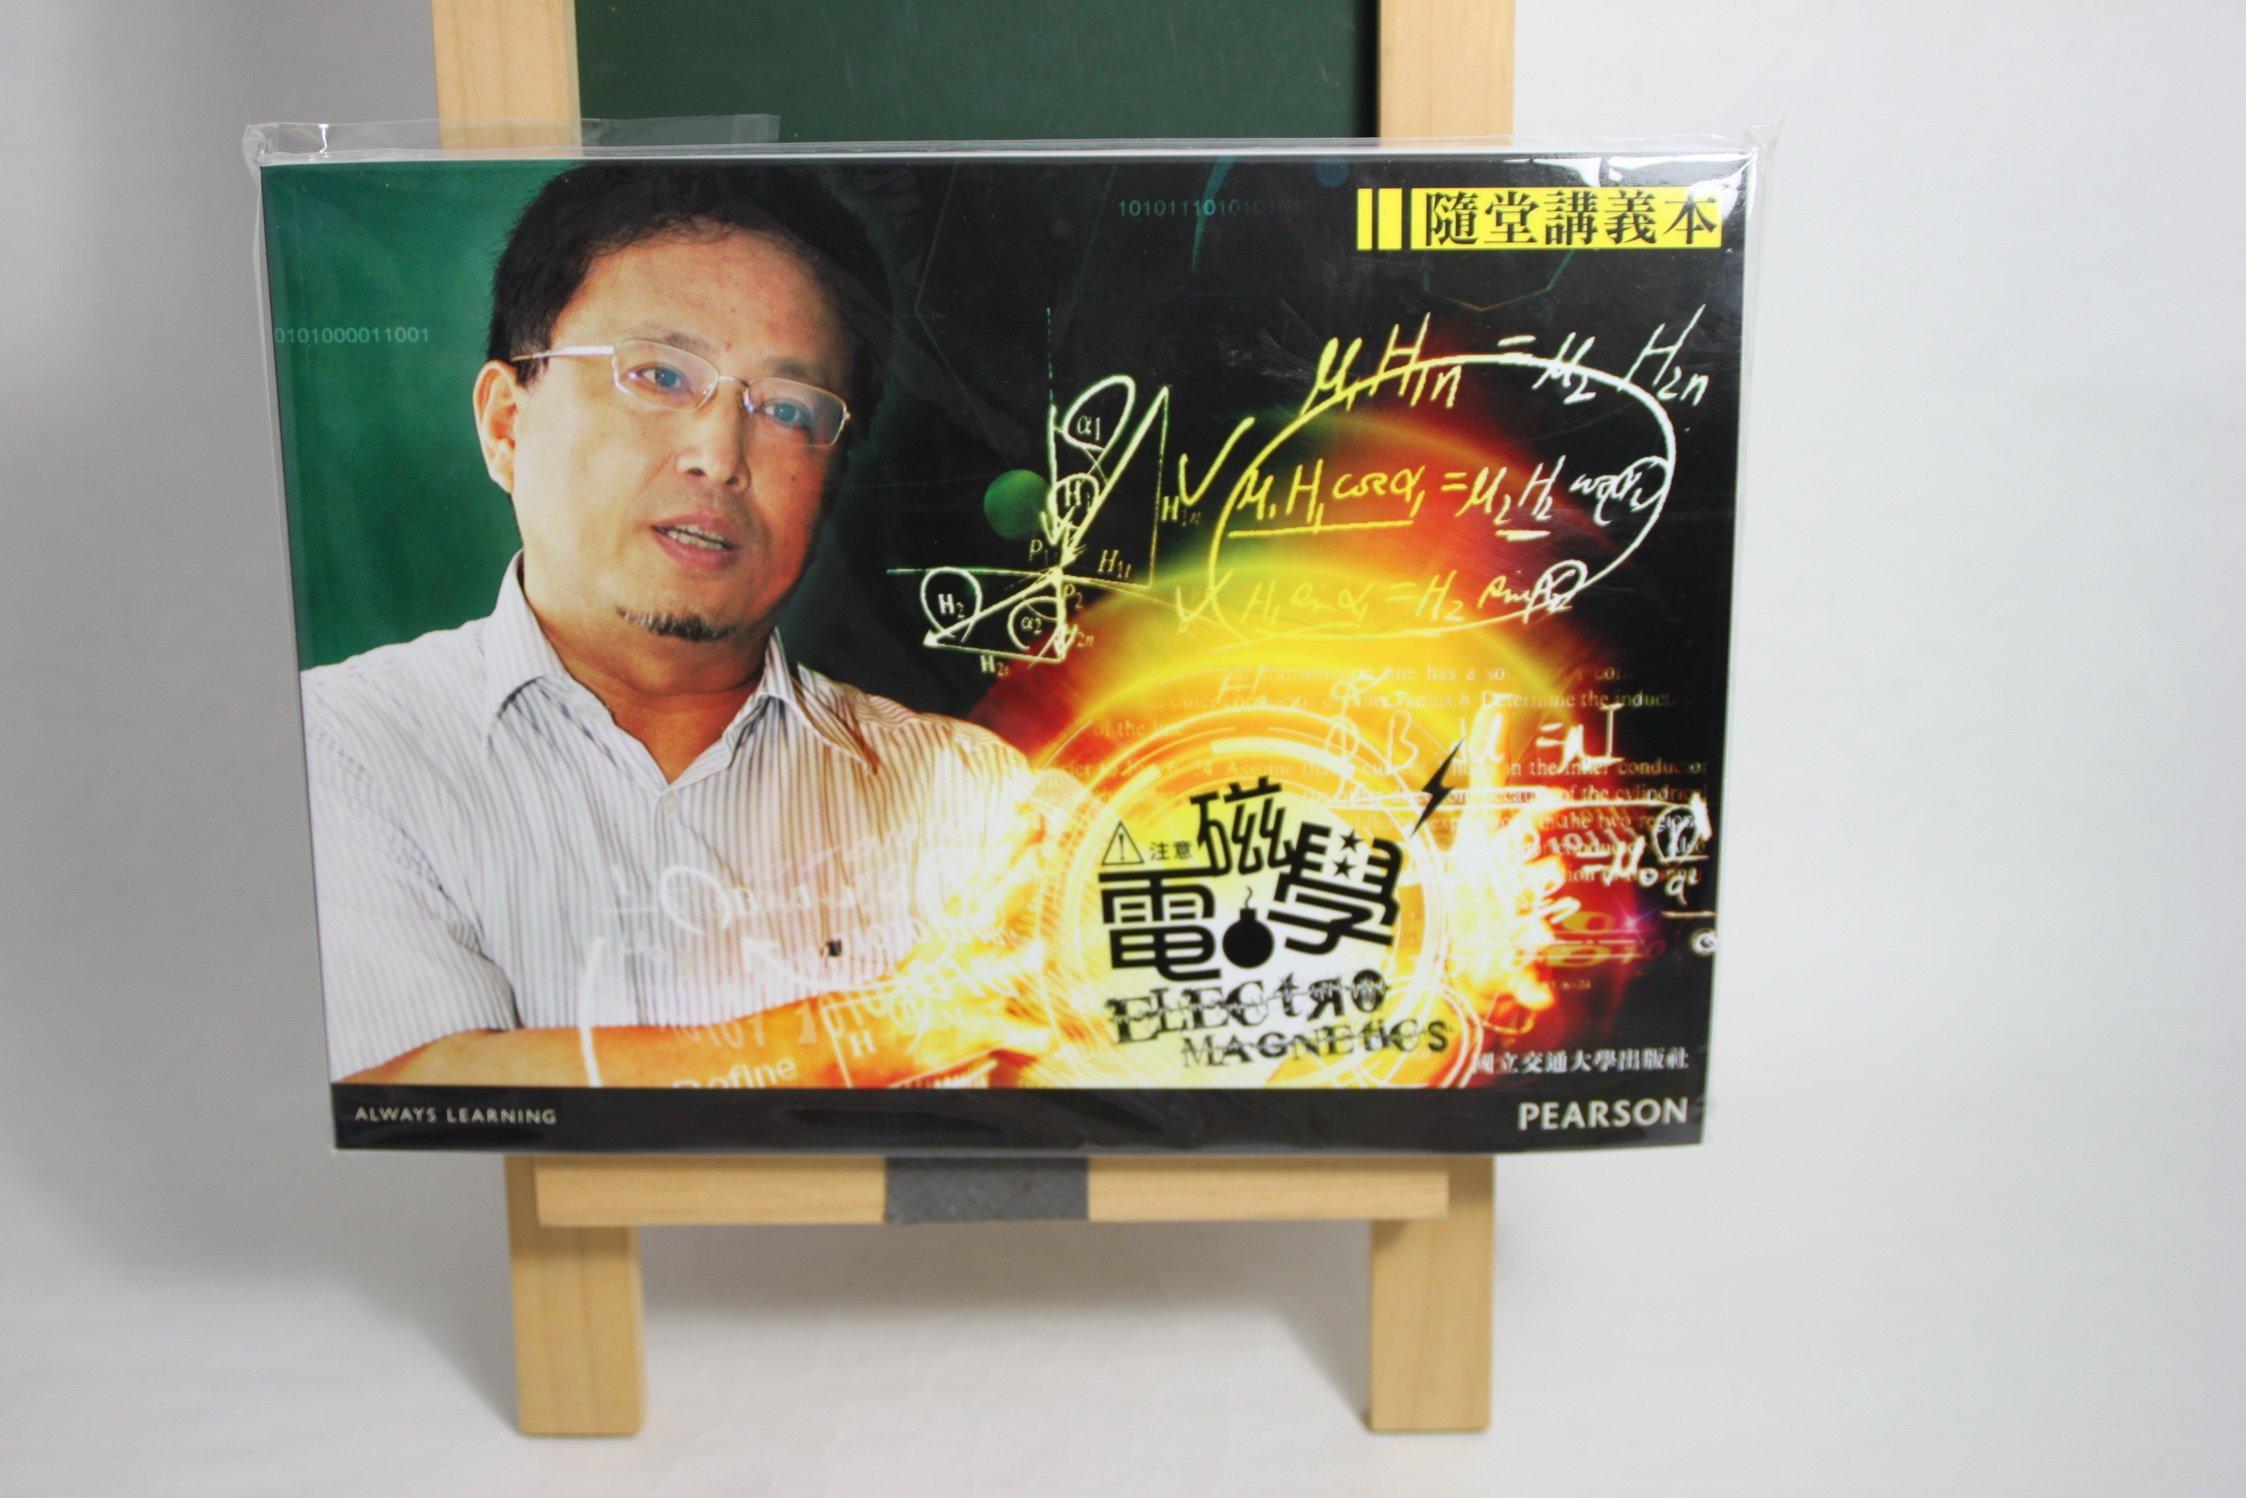 電磁學 電子書8DVD 1本講義 (有膠膜) 鍾世忠 國立交通大學4680470600708